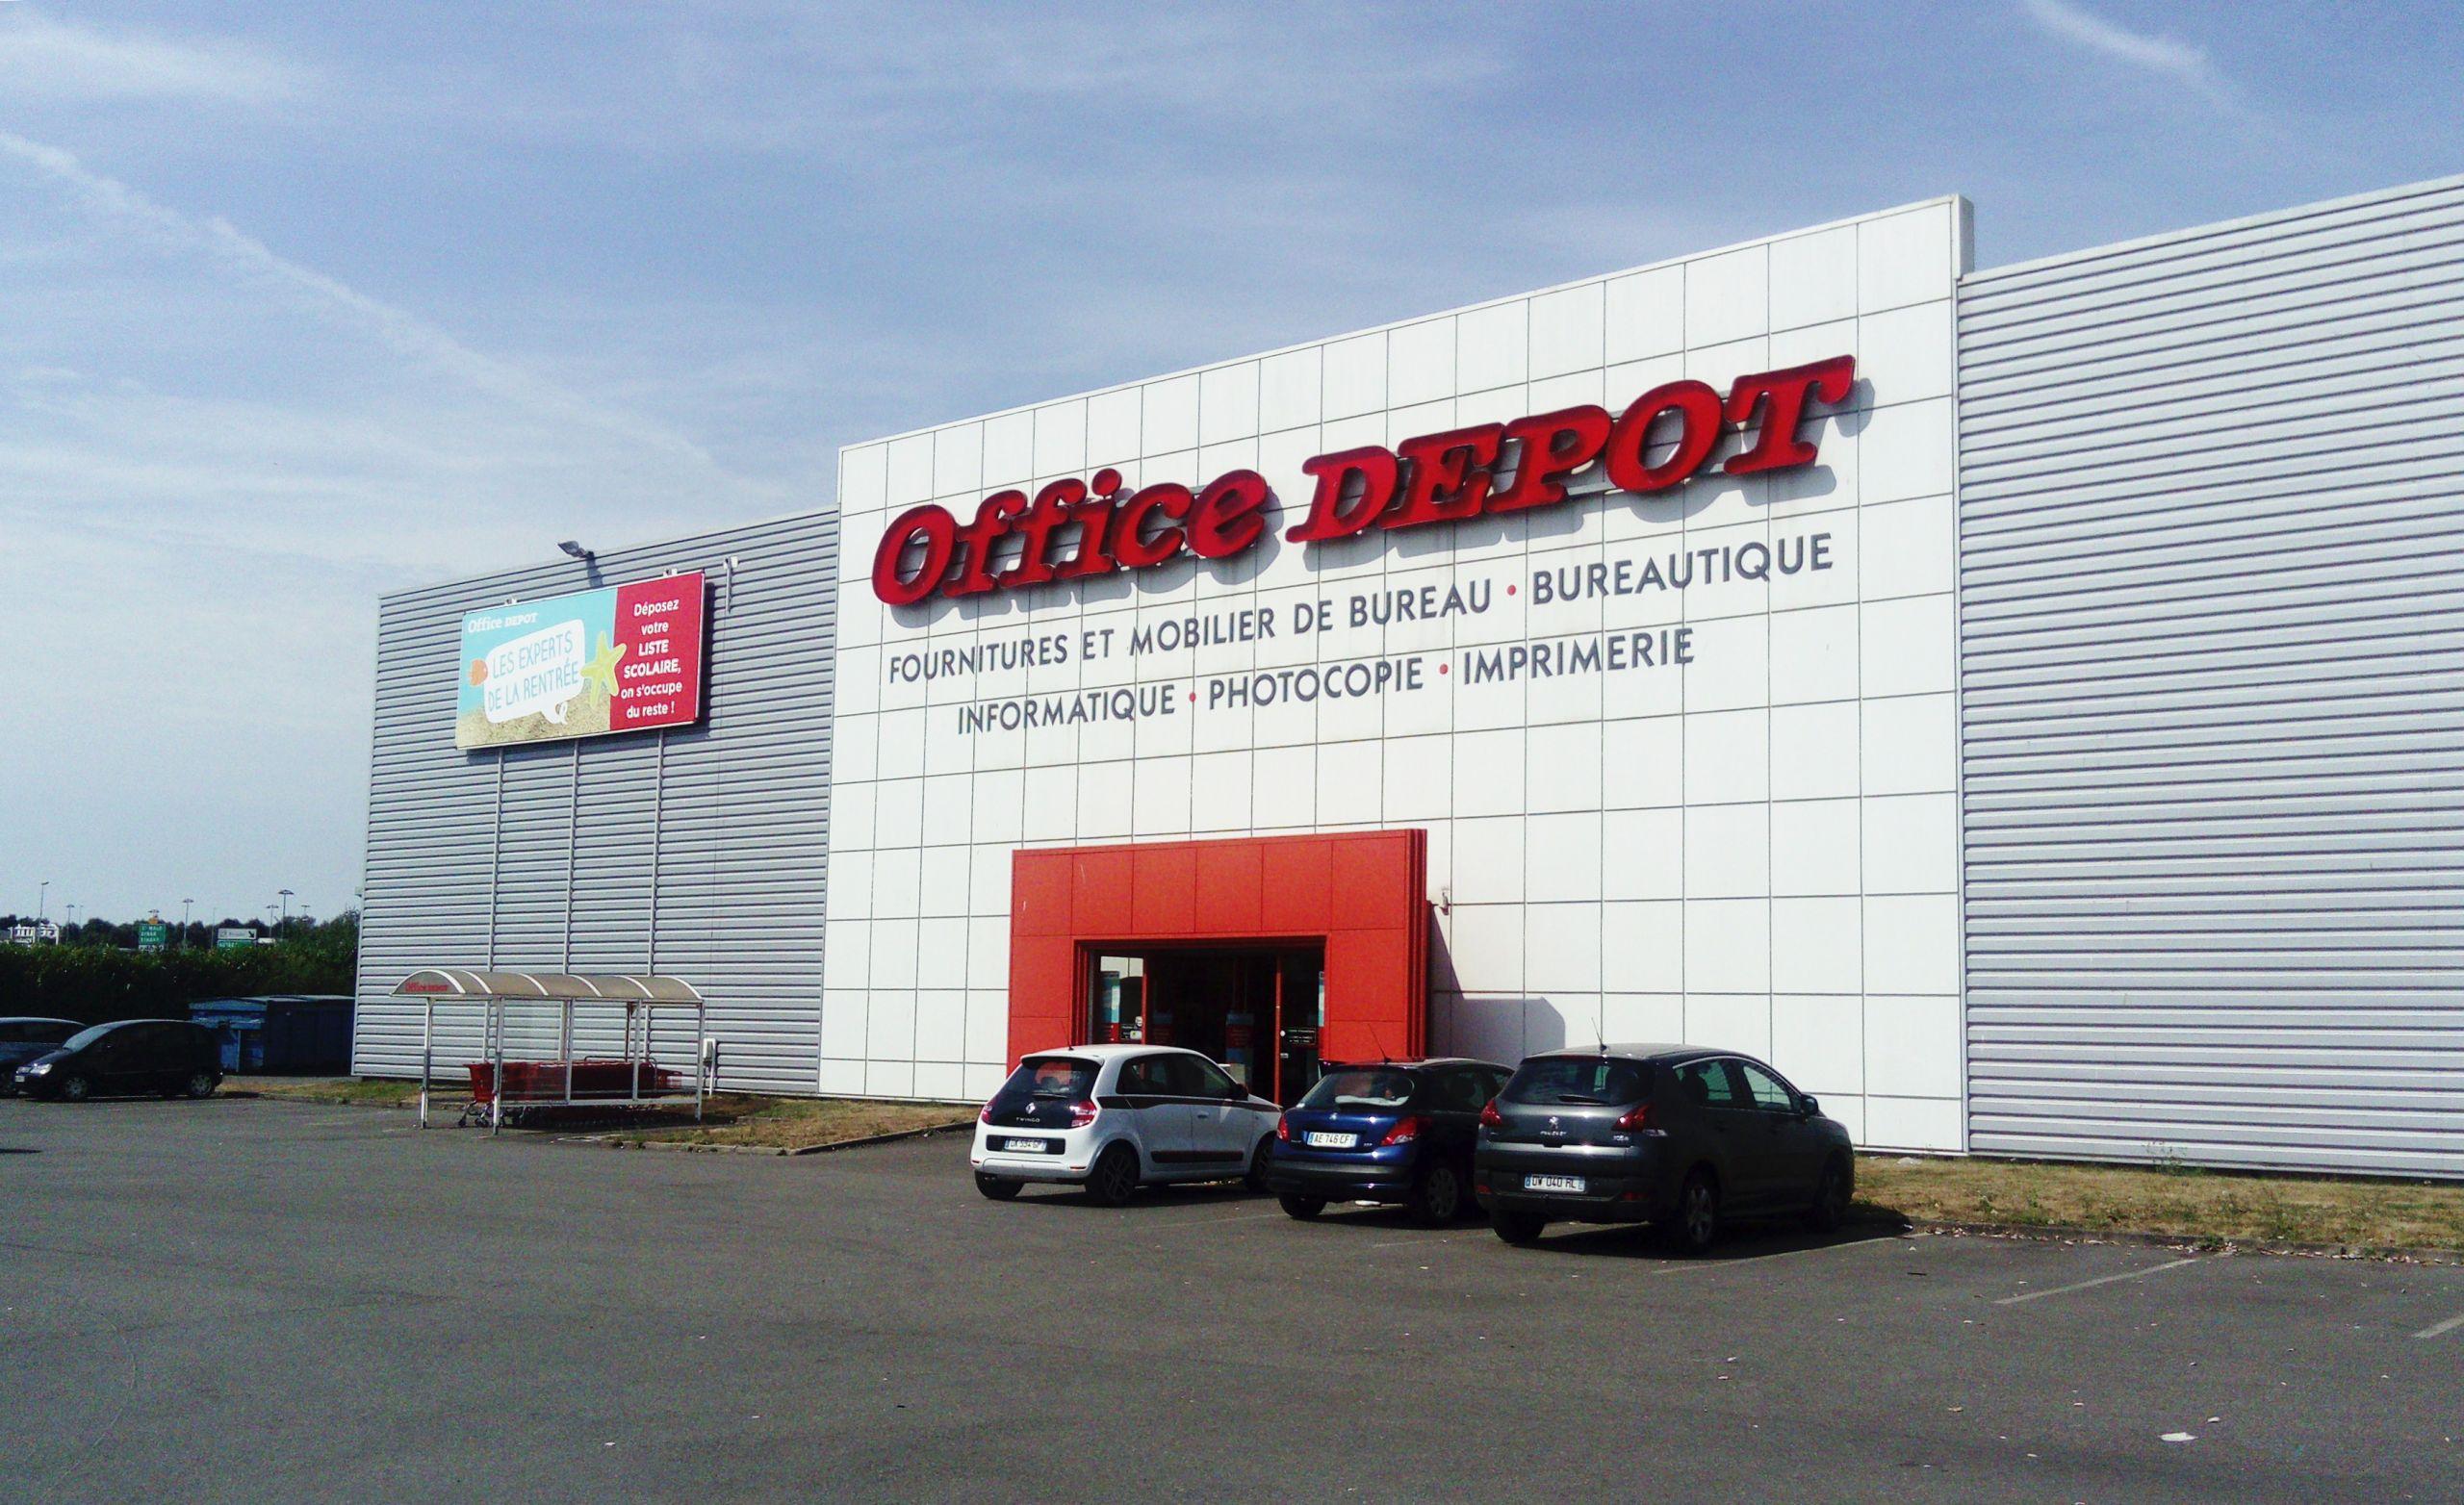 d3f3d3e1 64c4 4e39 9a44 abfabc44ecc1 office depot rennes st gregoire